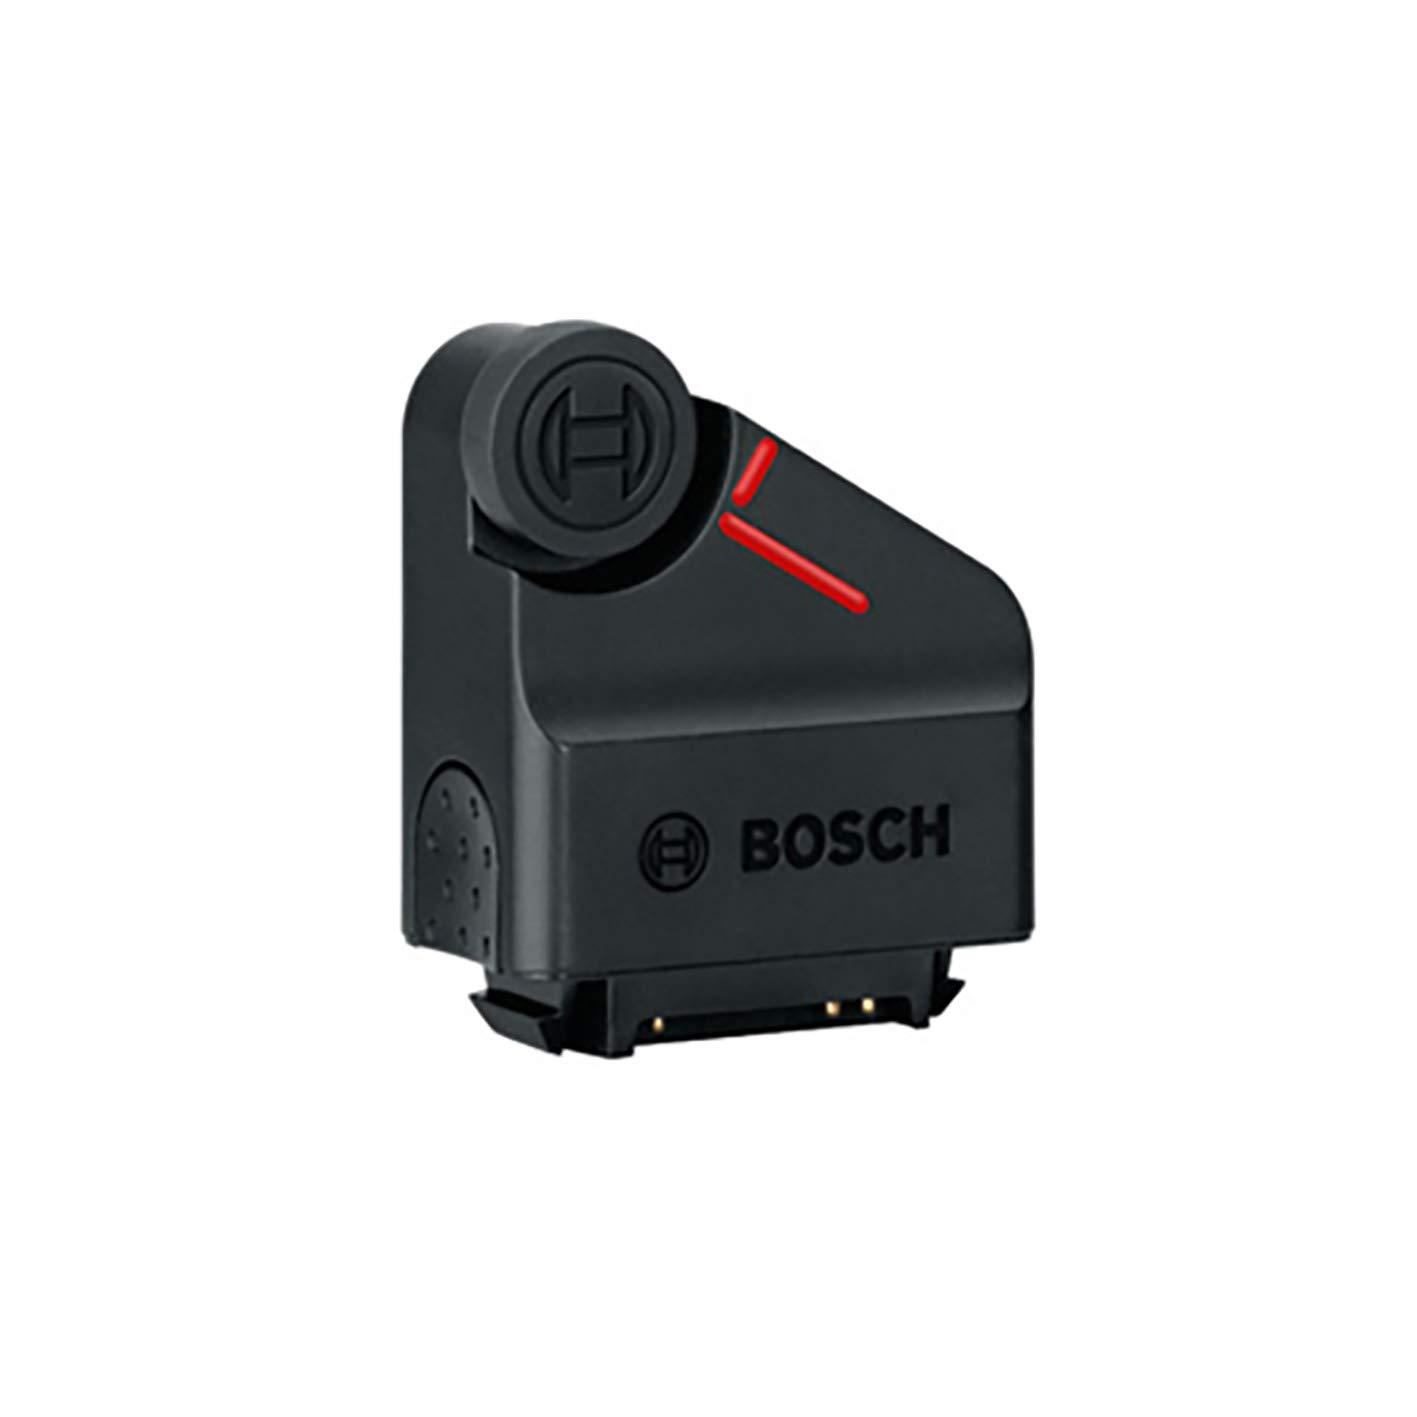 Bosch Laser-Entfernungsmesser Zamo-Set 3. Generation, Messbereich: 0,15 /– 20,00 m, Karton